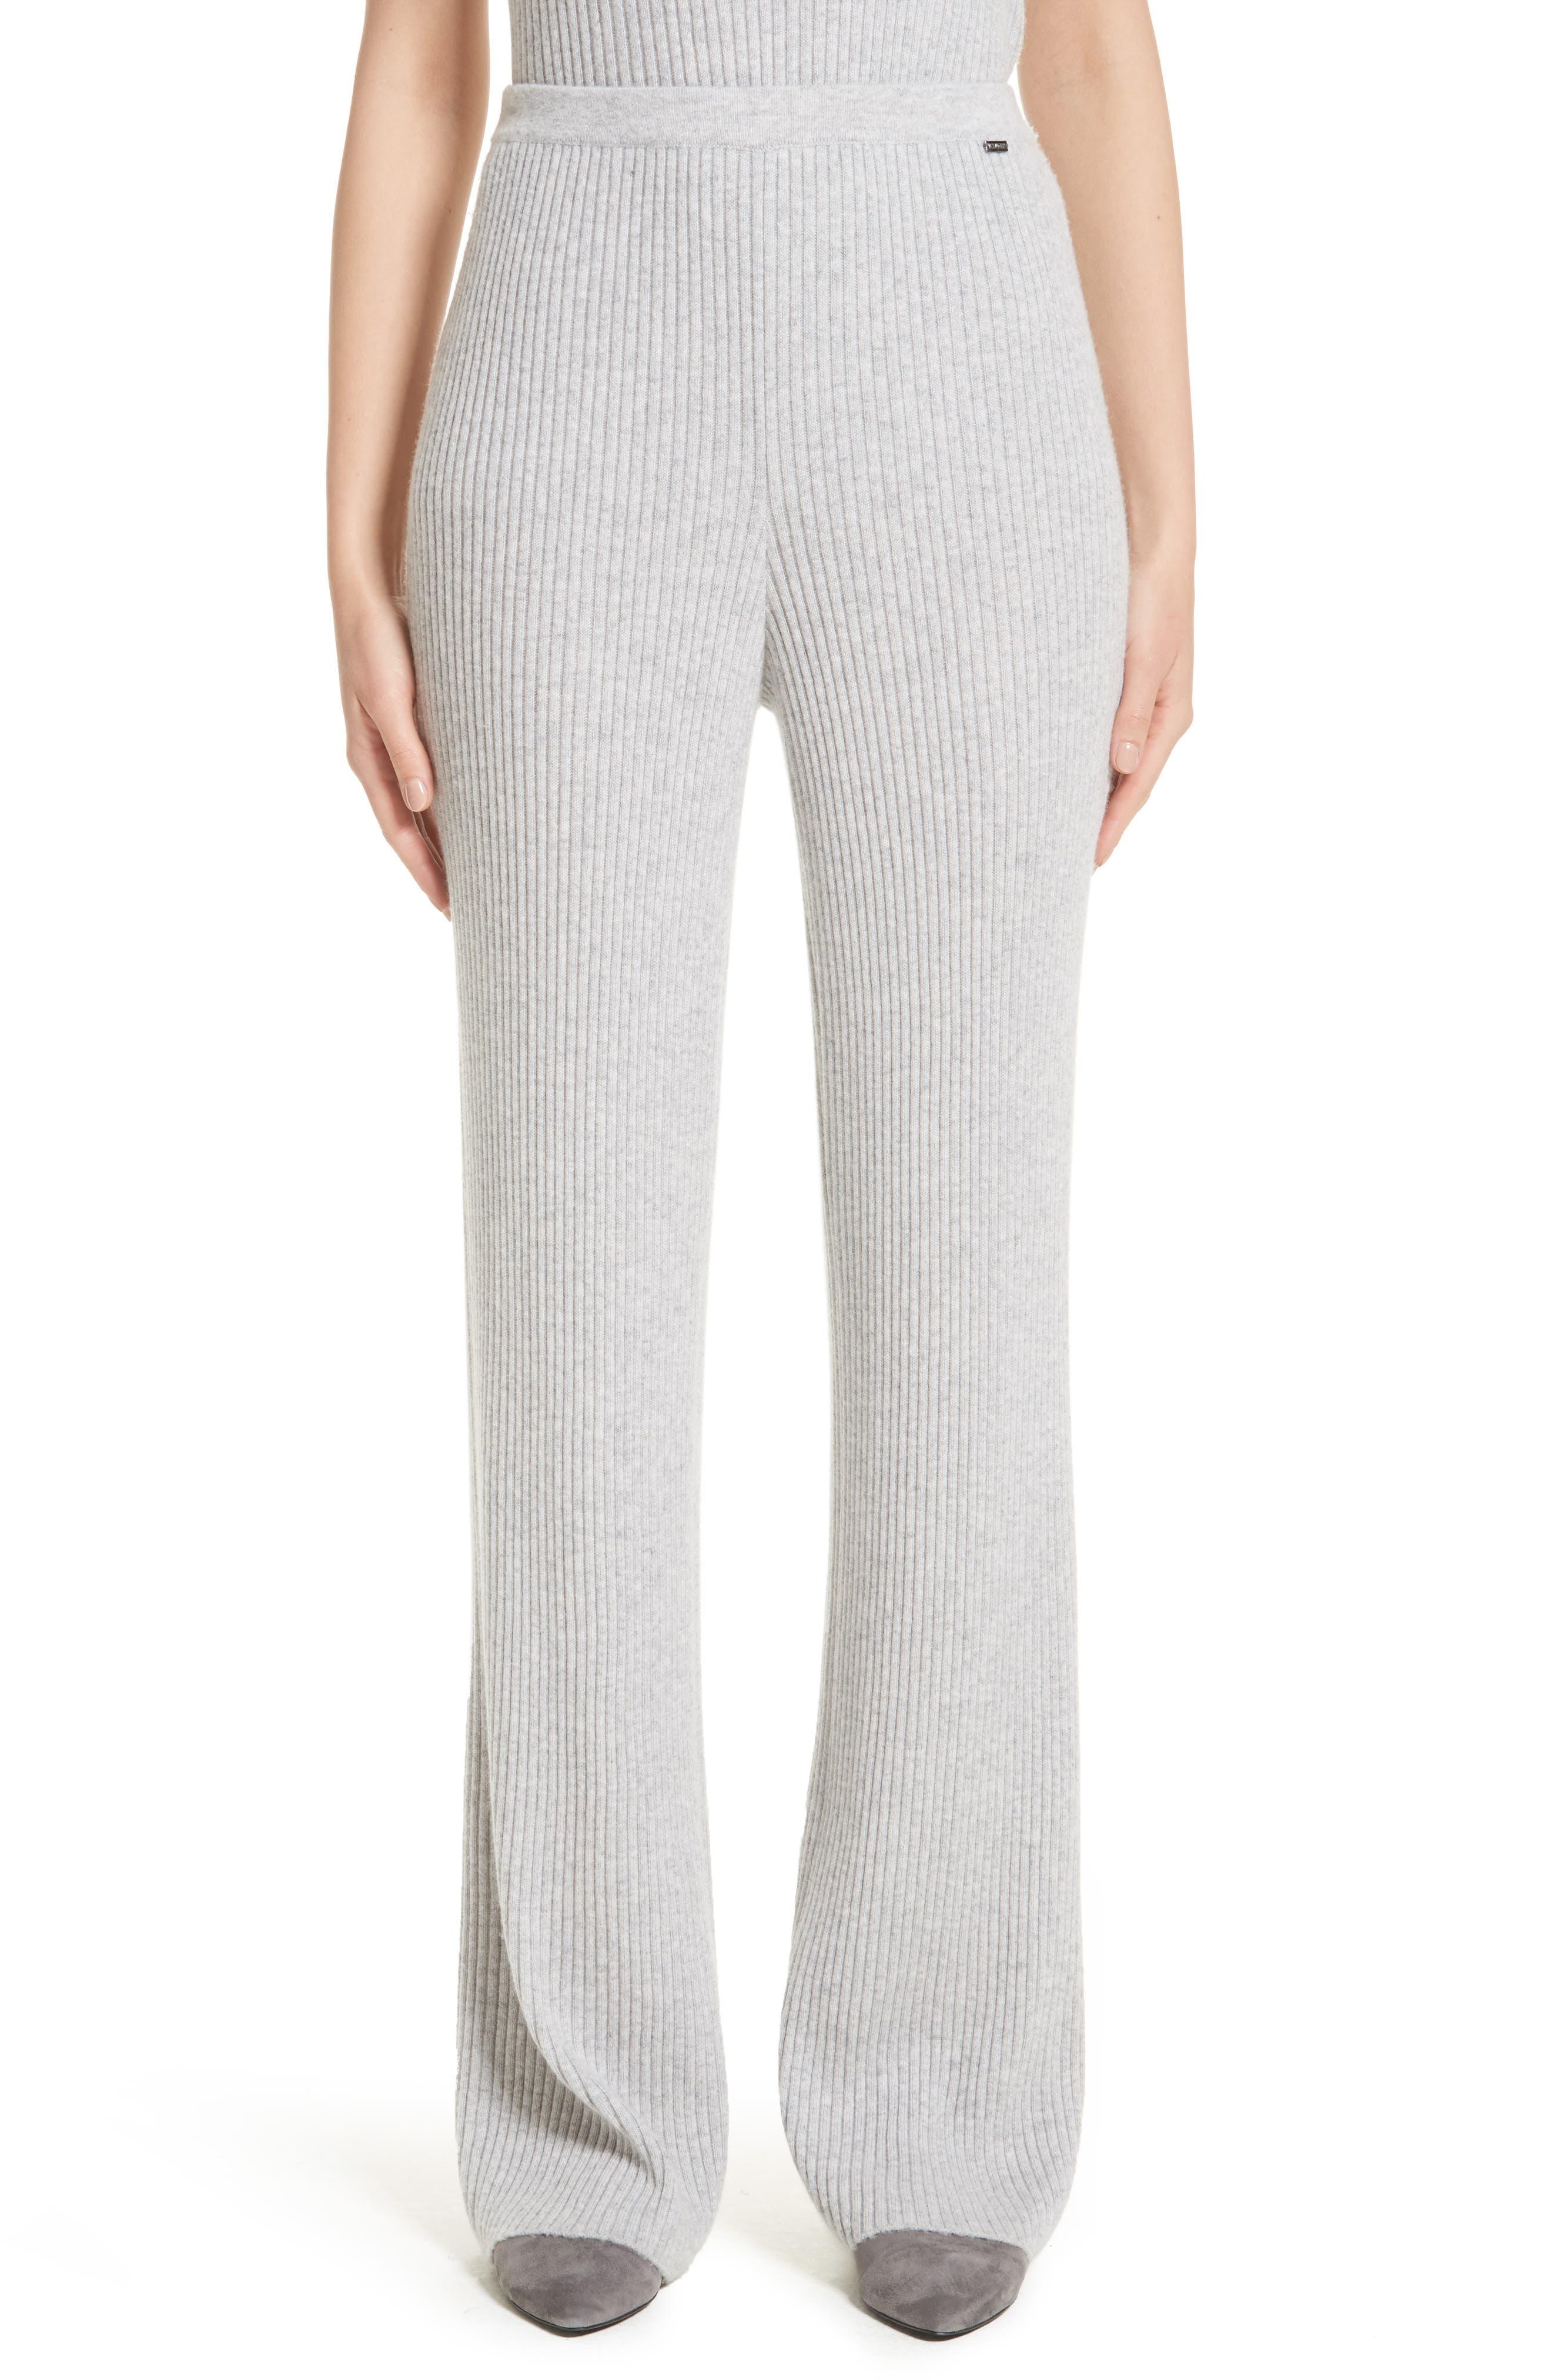 Cashmere Knit Pants,                             Main thumbnail 1, color,                             060